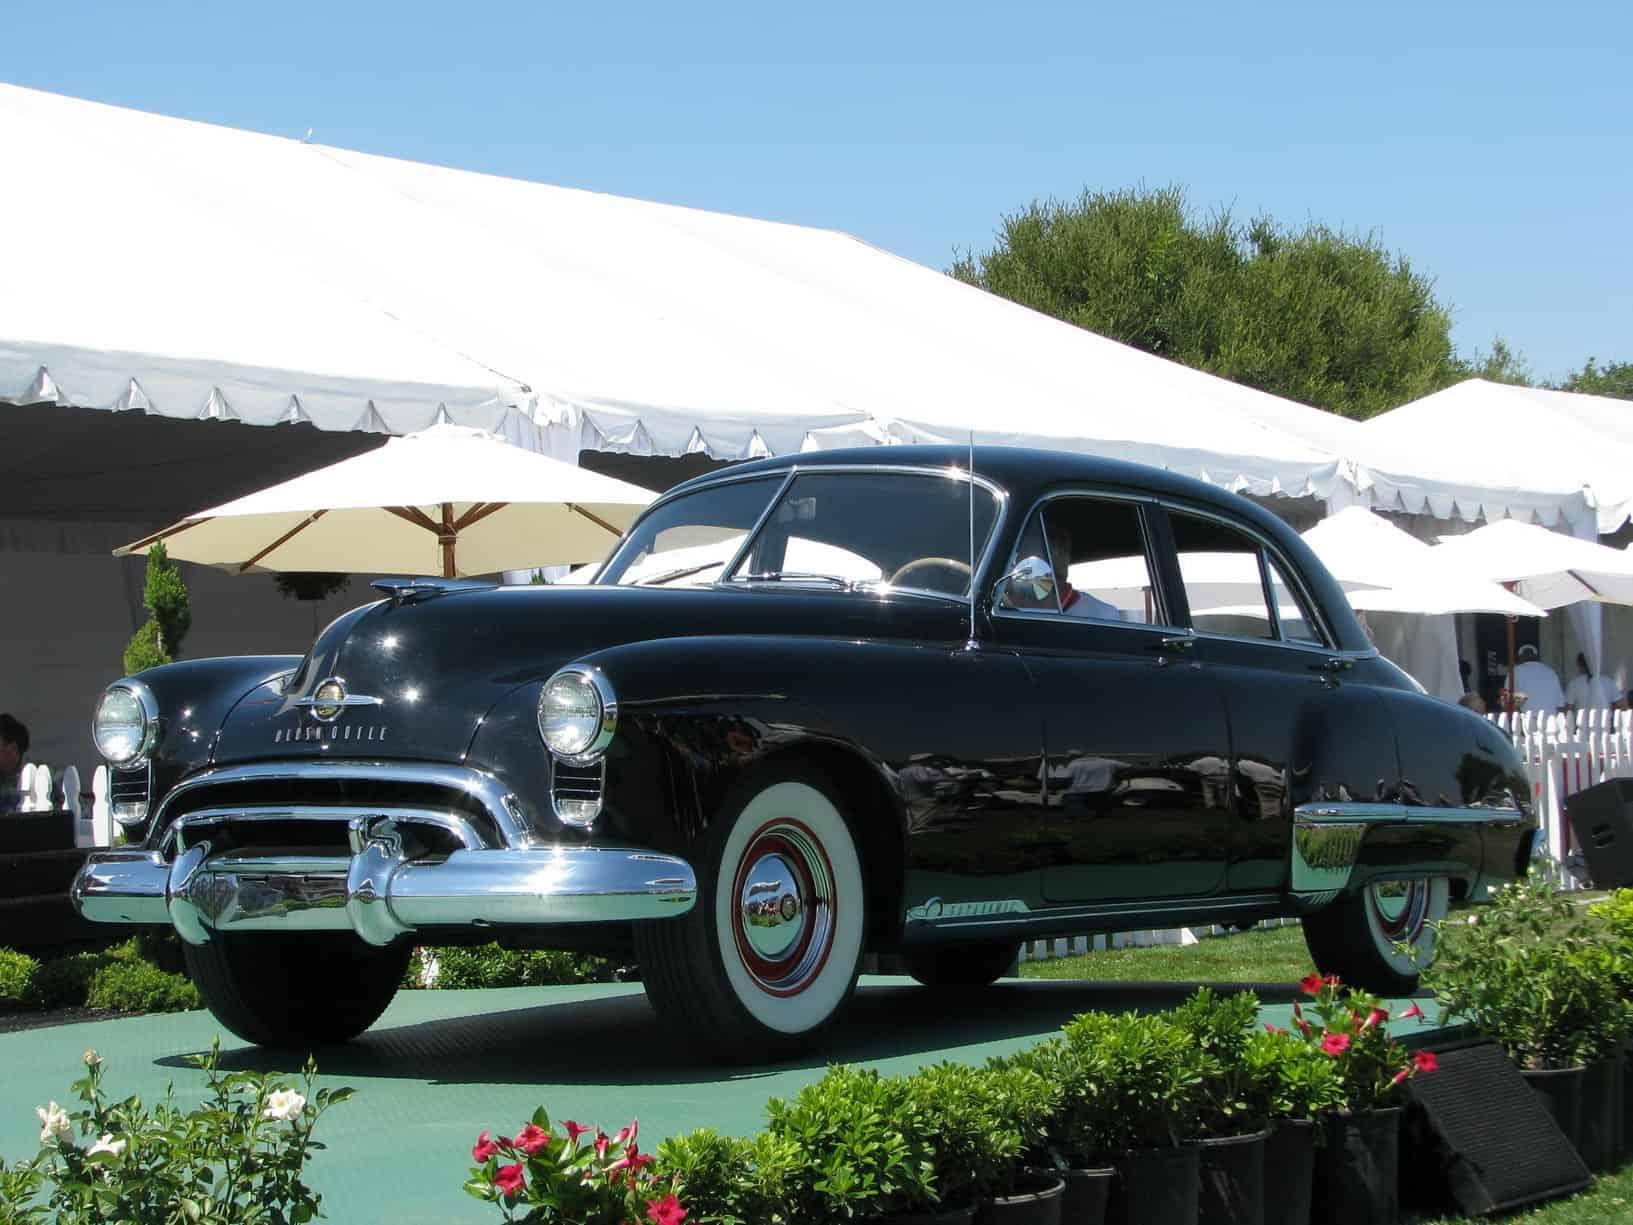 1970 Buick Riviera likewise 1972 Oldsmobile Cutlass Supreme further 1960 Chrysler Windsor together with 1949 OLDSMOBILE SERIES 76 4 DOOR SEDAN 138064 likewise The 2018 Dodge Challenger Hemi Srt Demon Price. on oldsmobile v8 engine